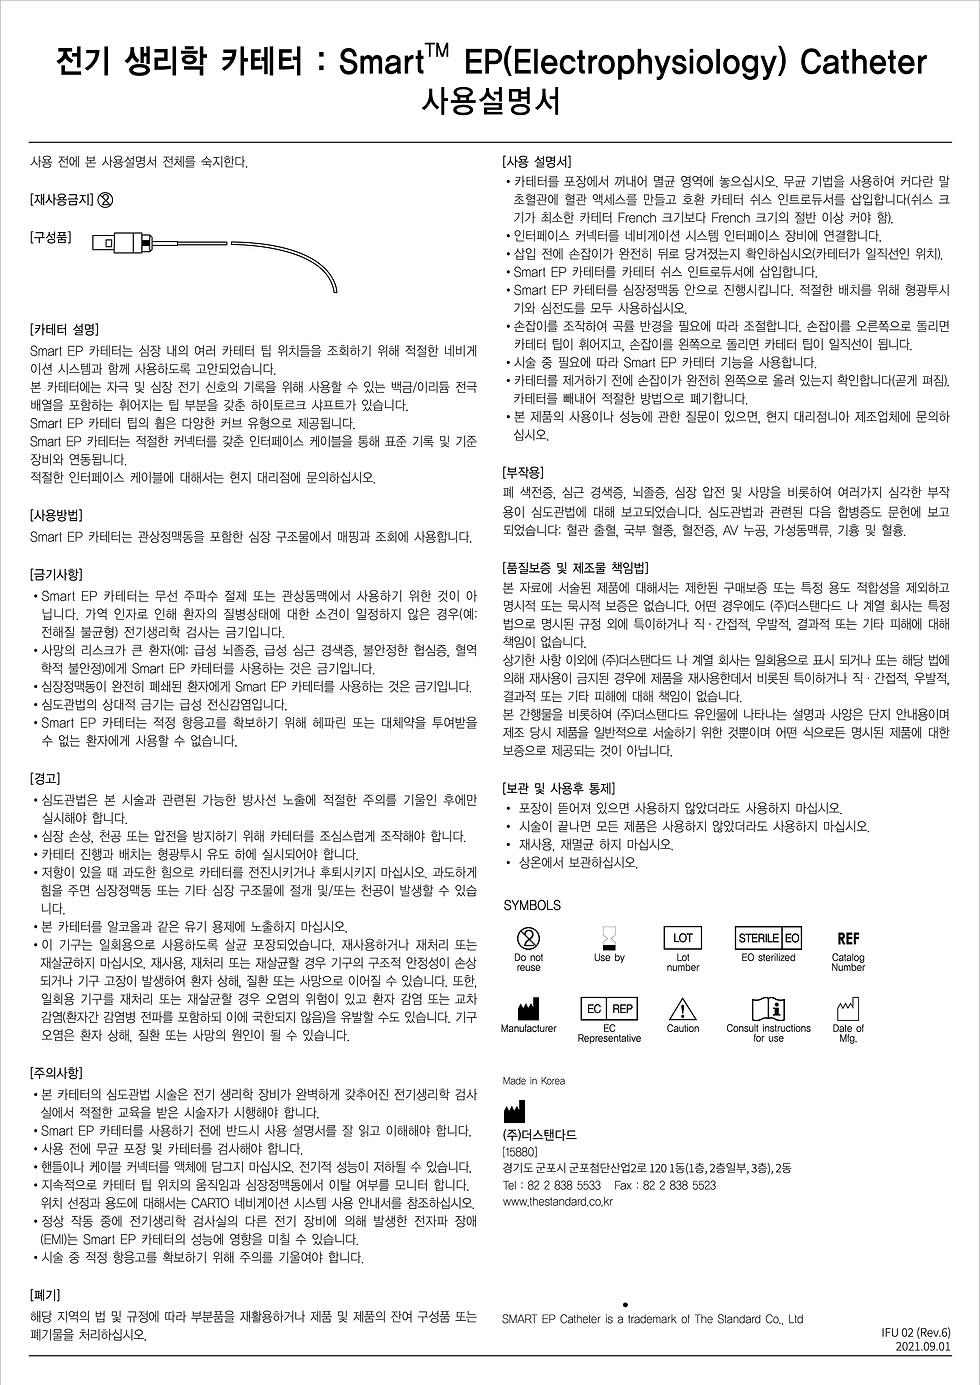 0830전기생리학 카테터_수정.png